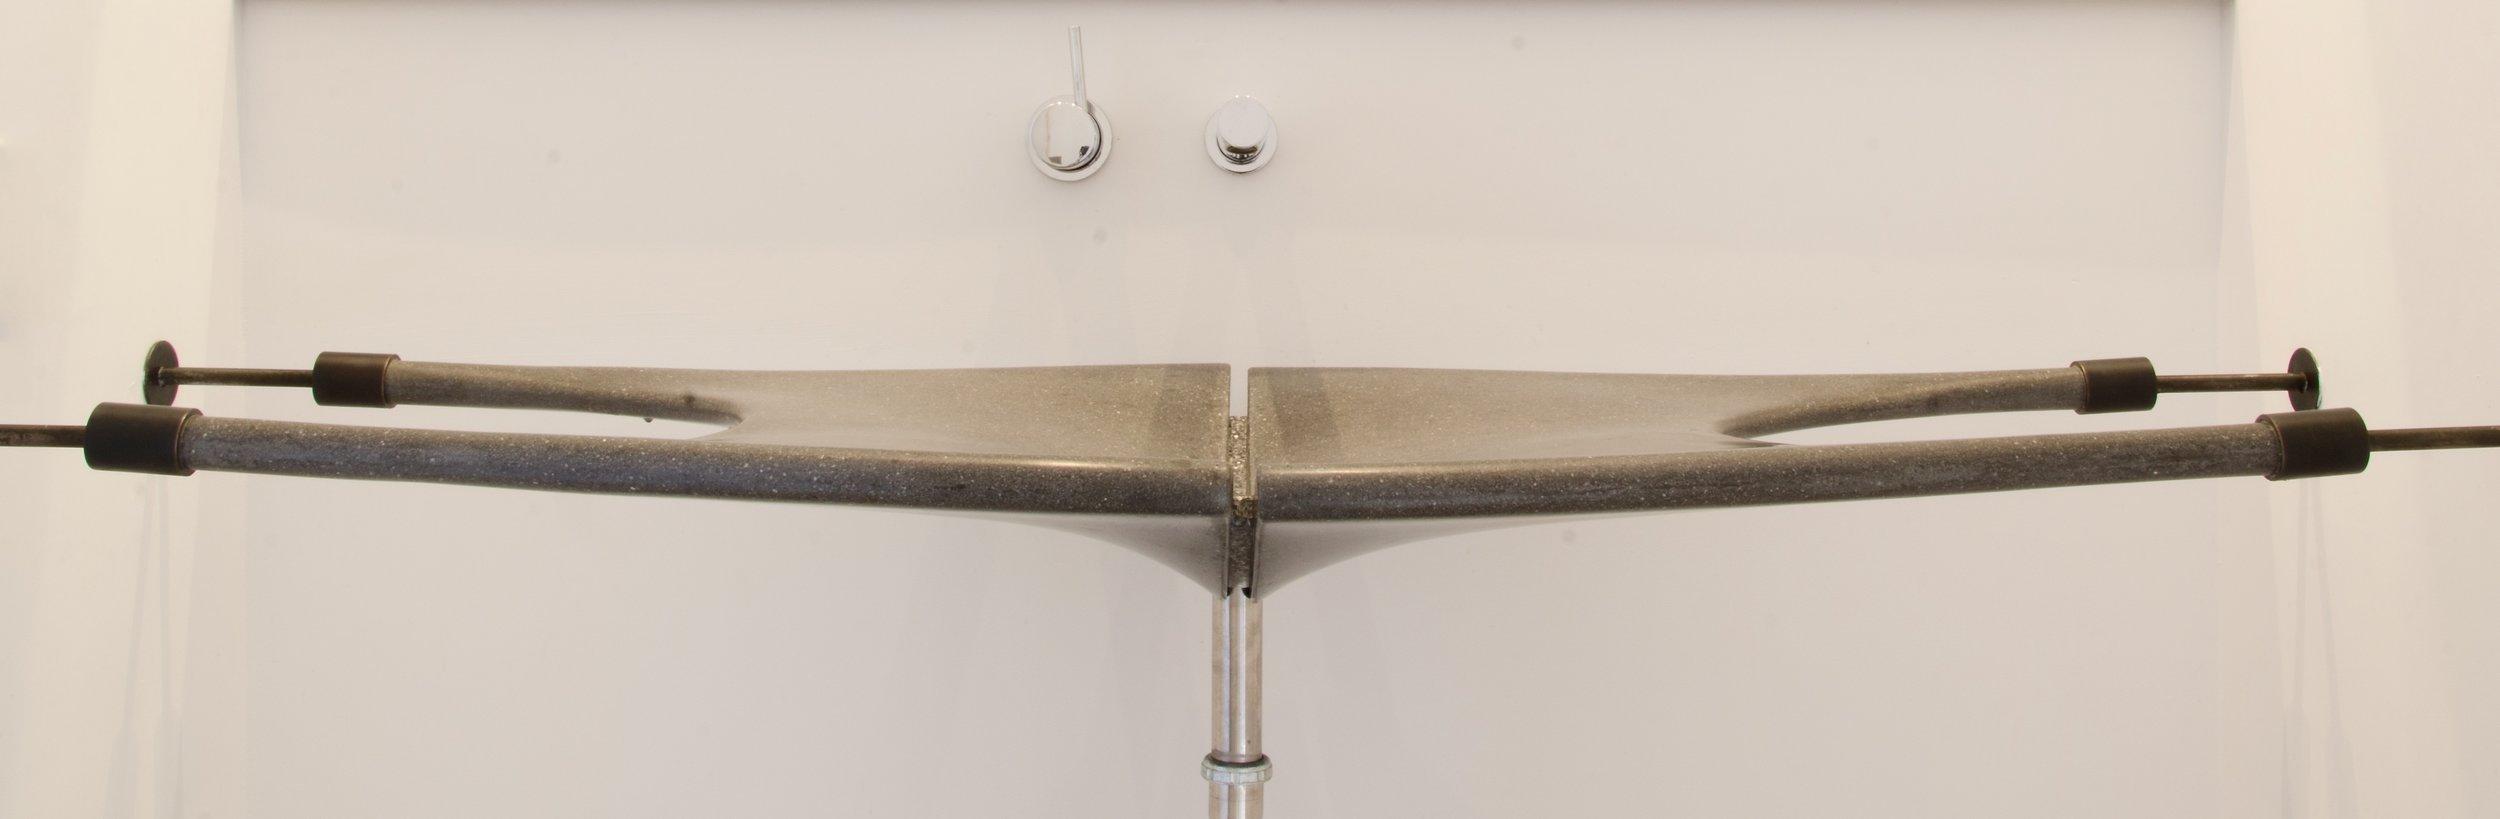 web sink 2012